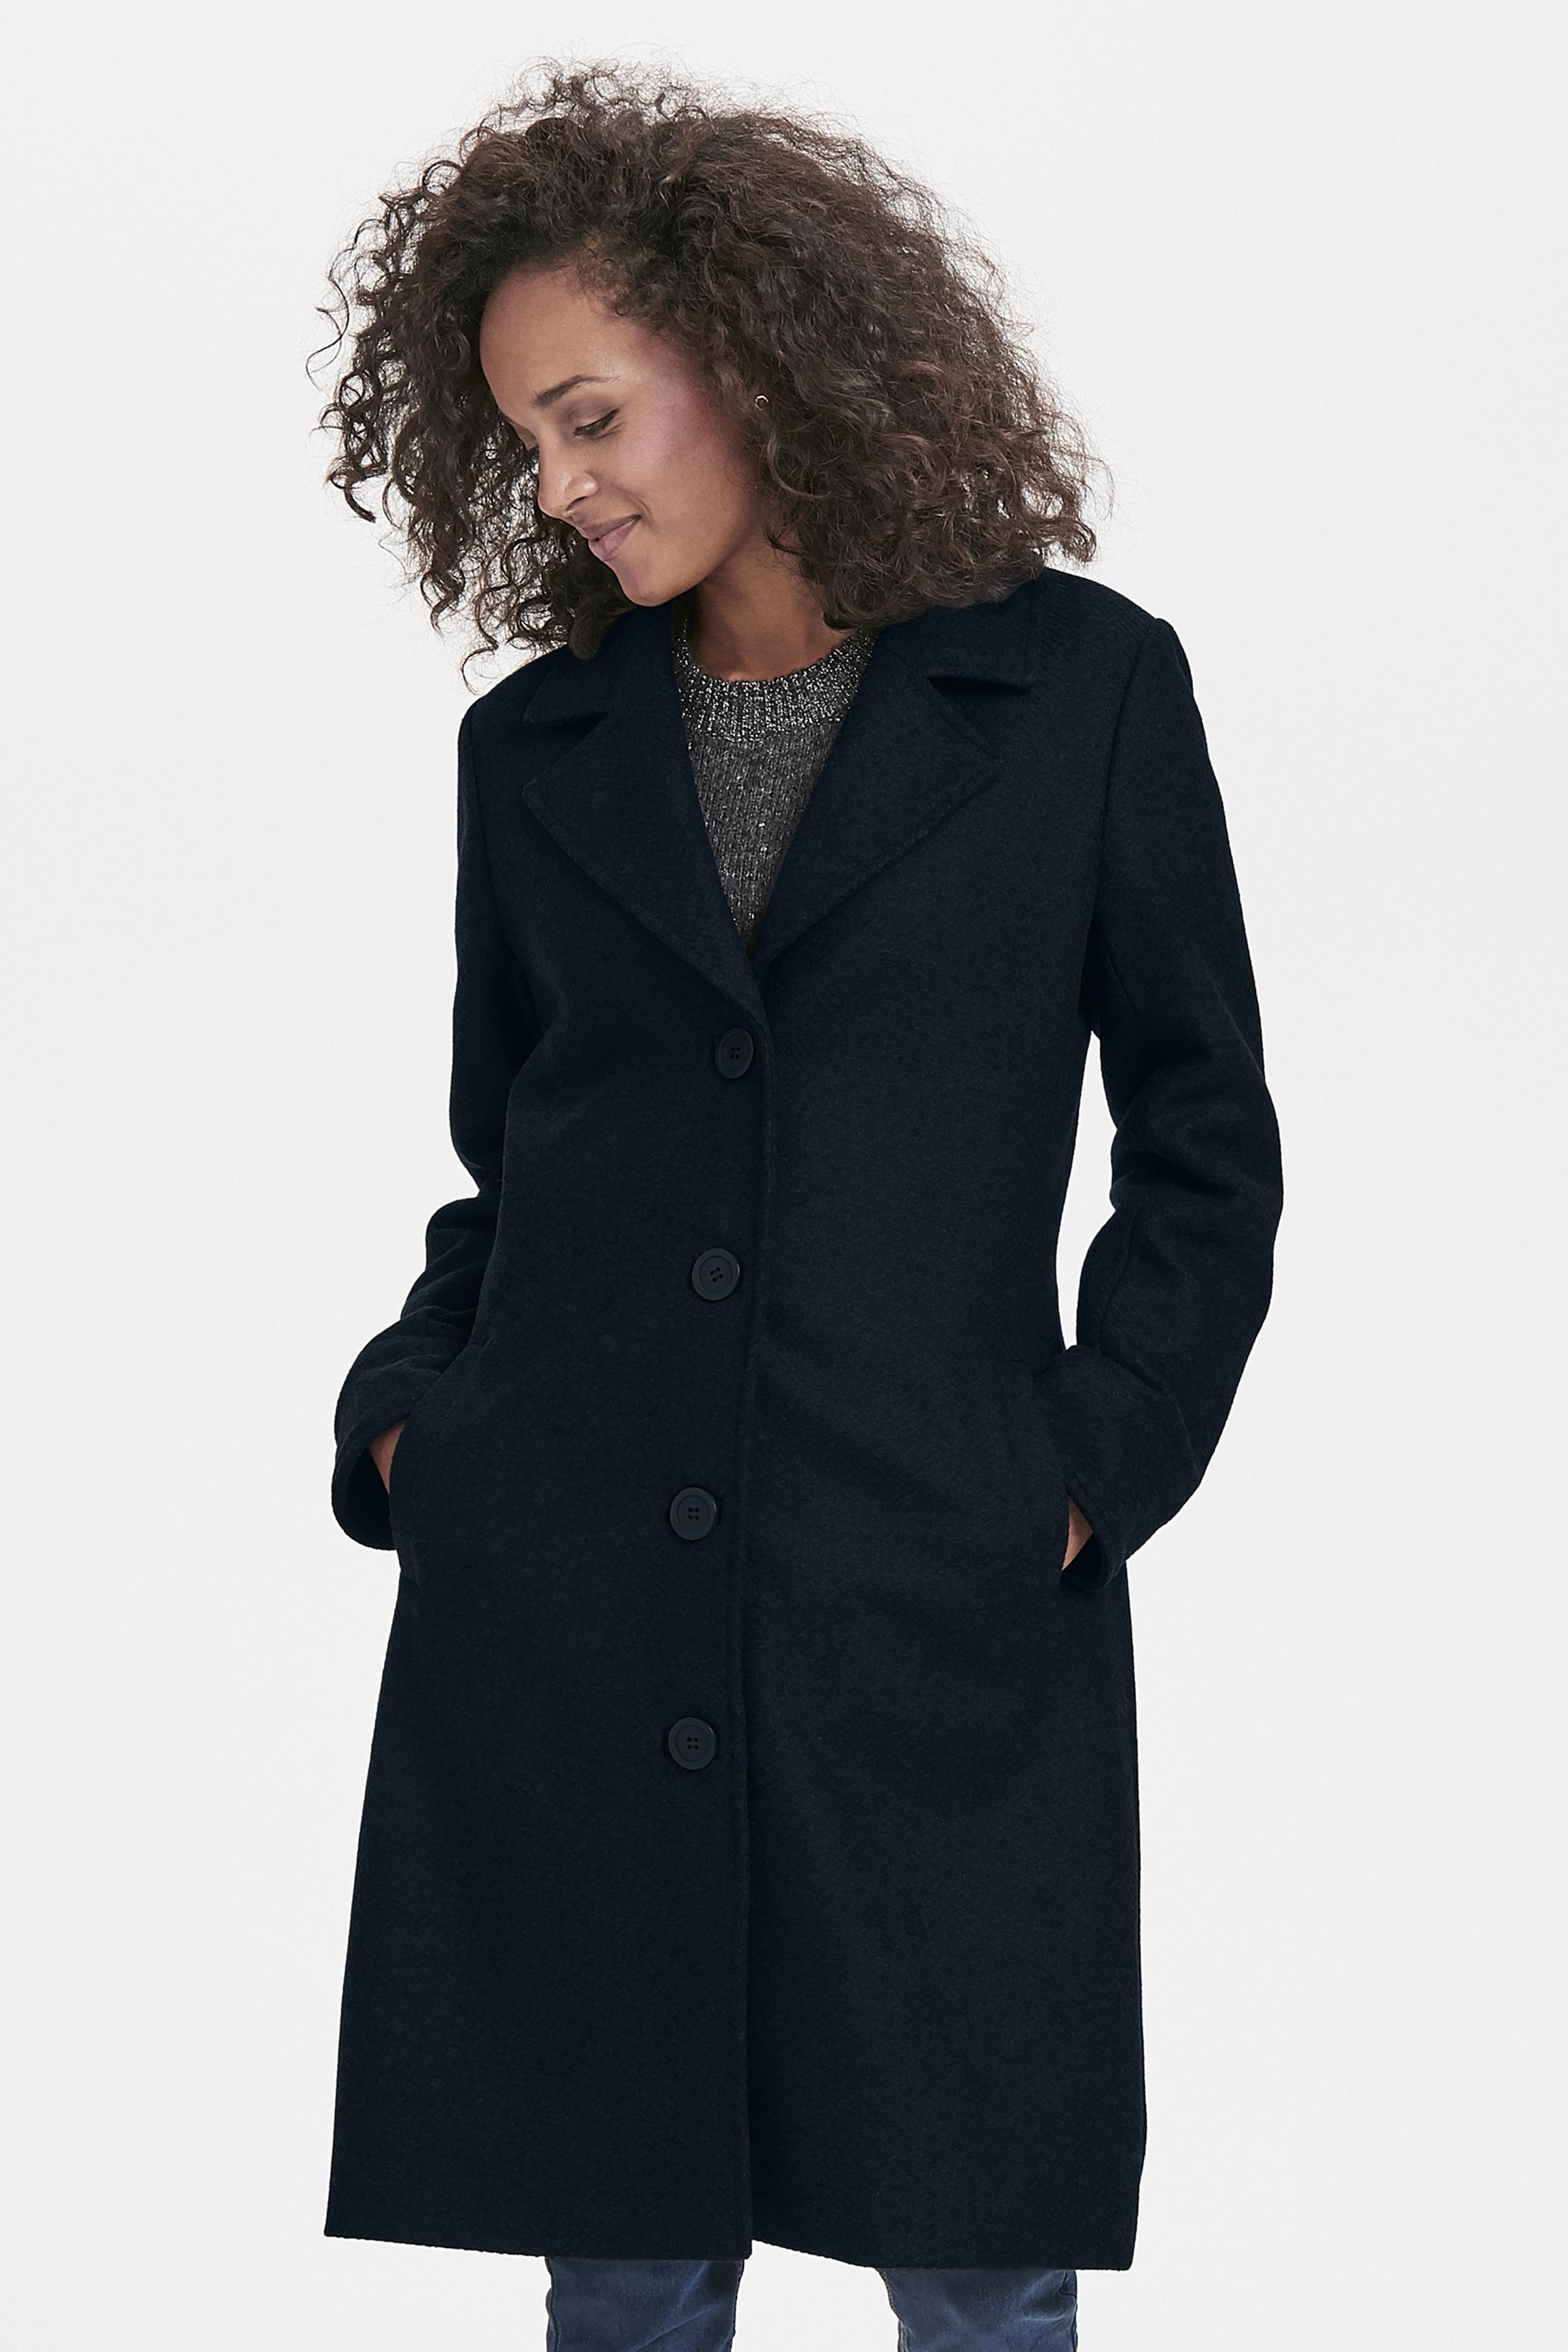 Sort/blå Frakke fra Bon'A Parte – Køb Sort/blå Frakke fra str. 36-48 her